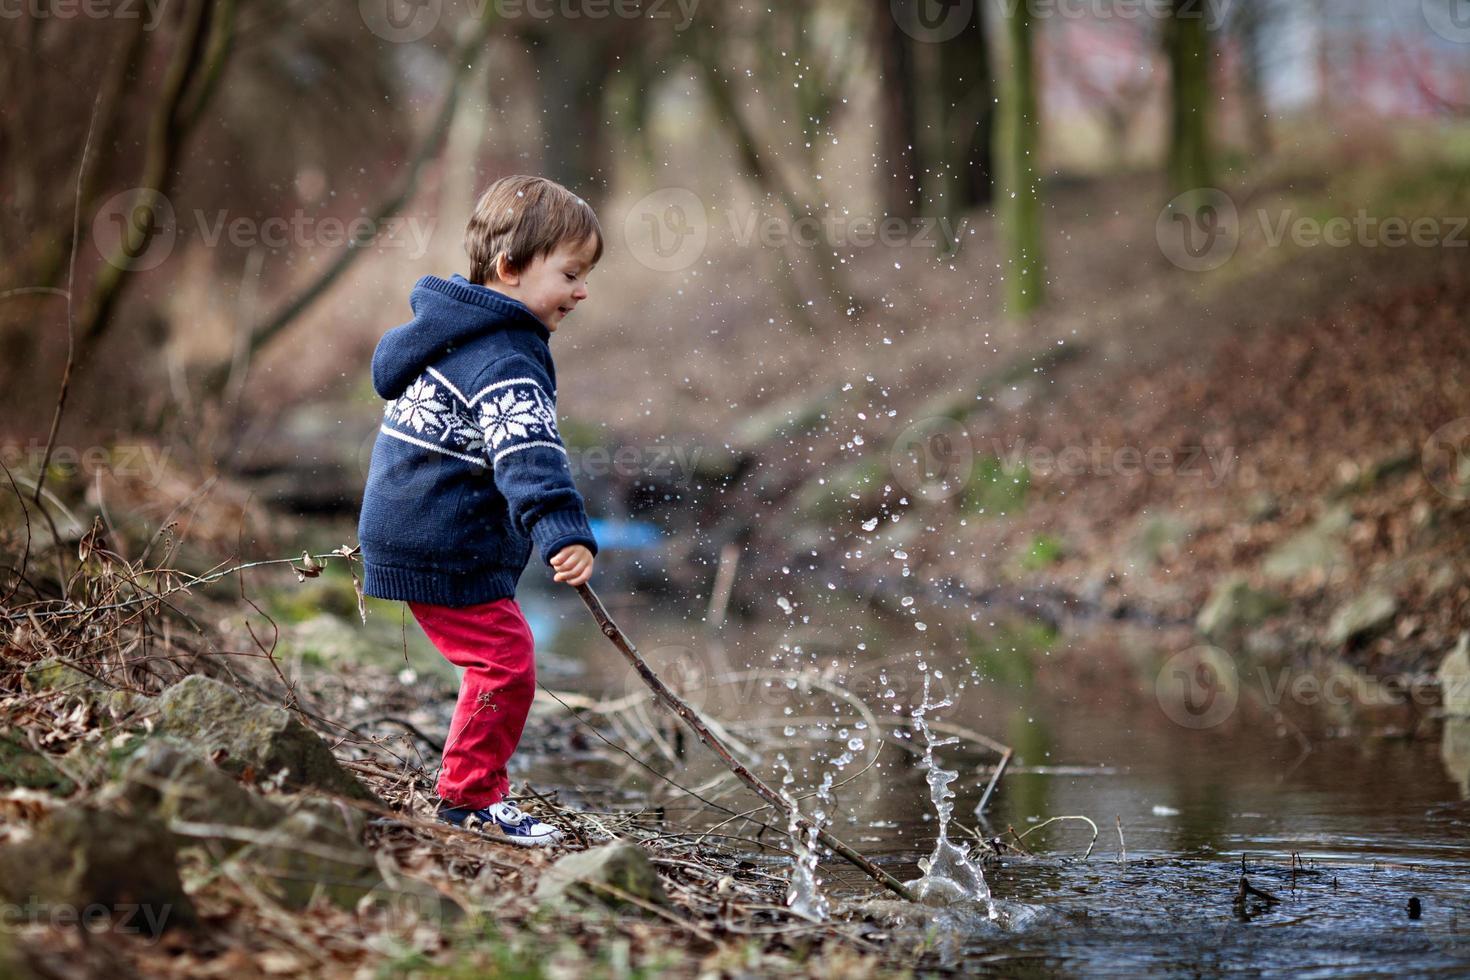 ragazzino, facendo grande splash su uno stagno foto